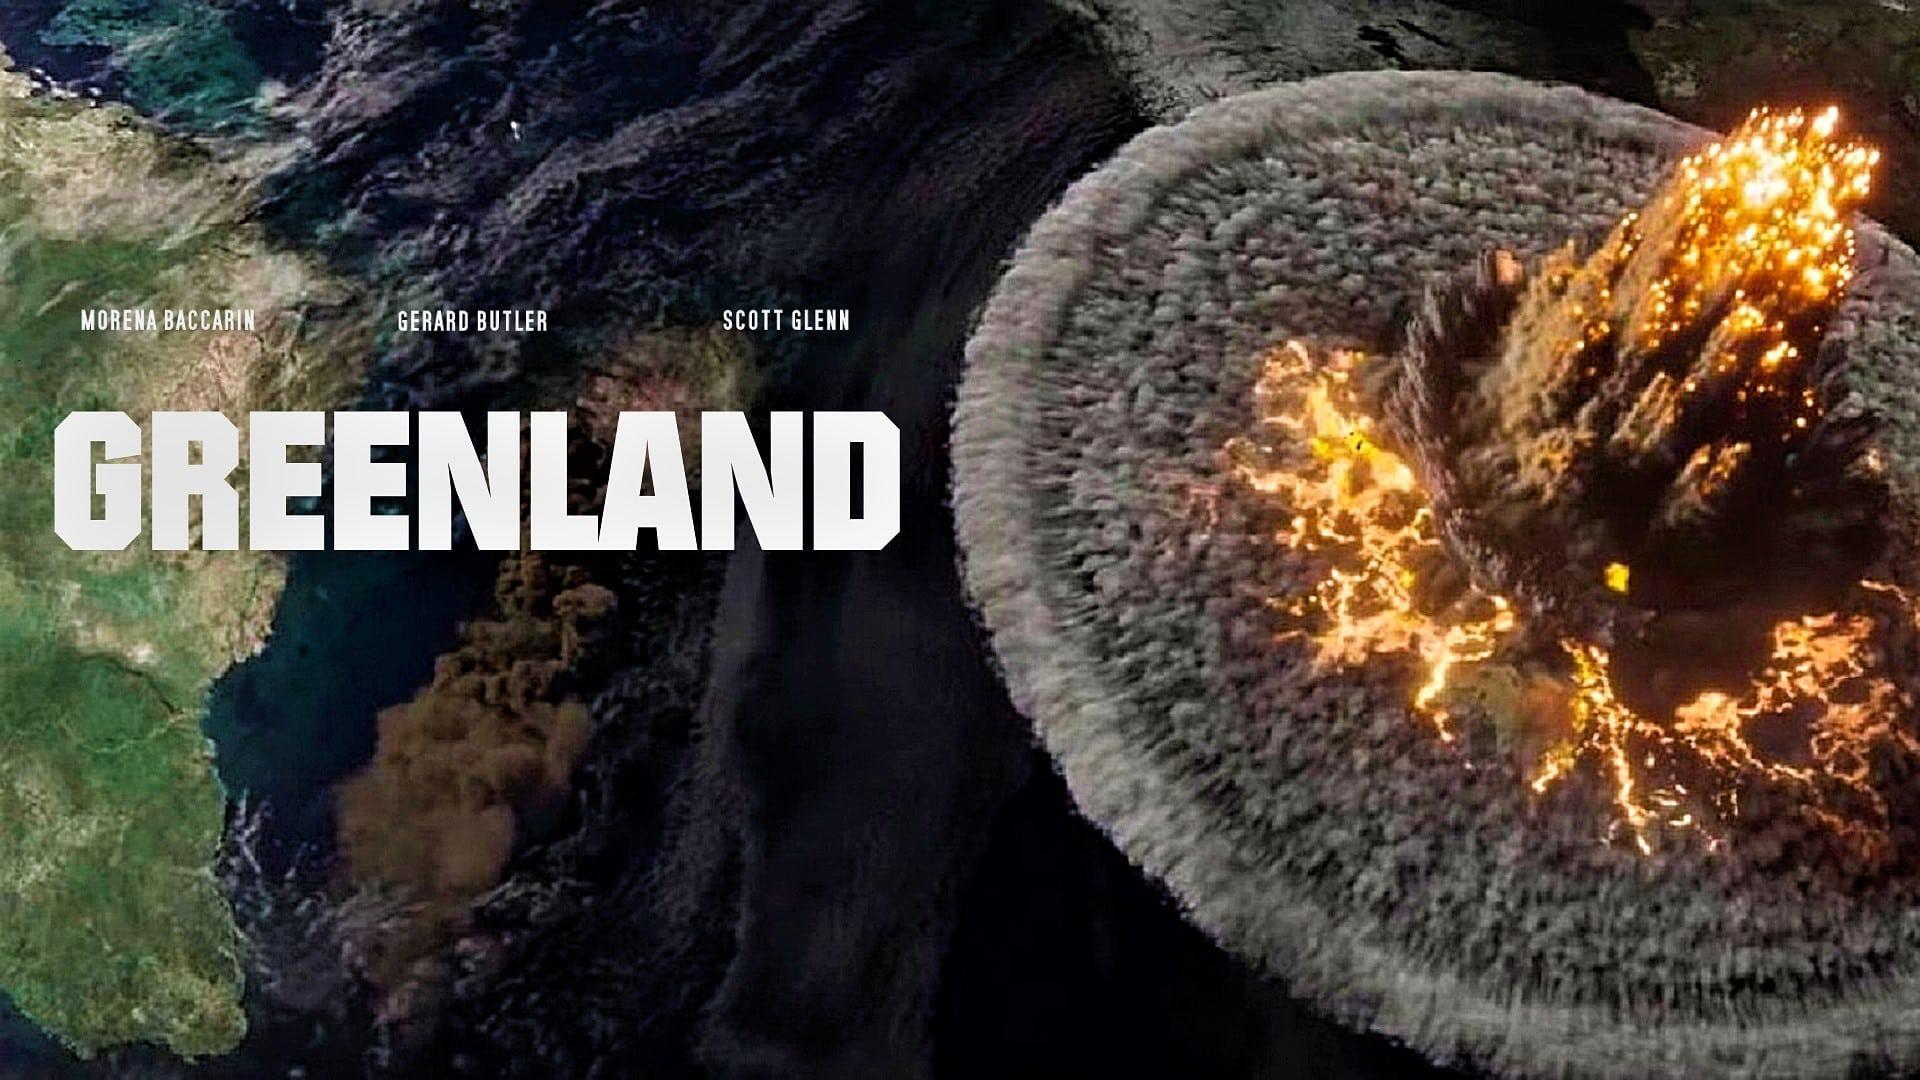 đánh giá phim greenland